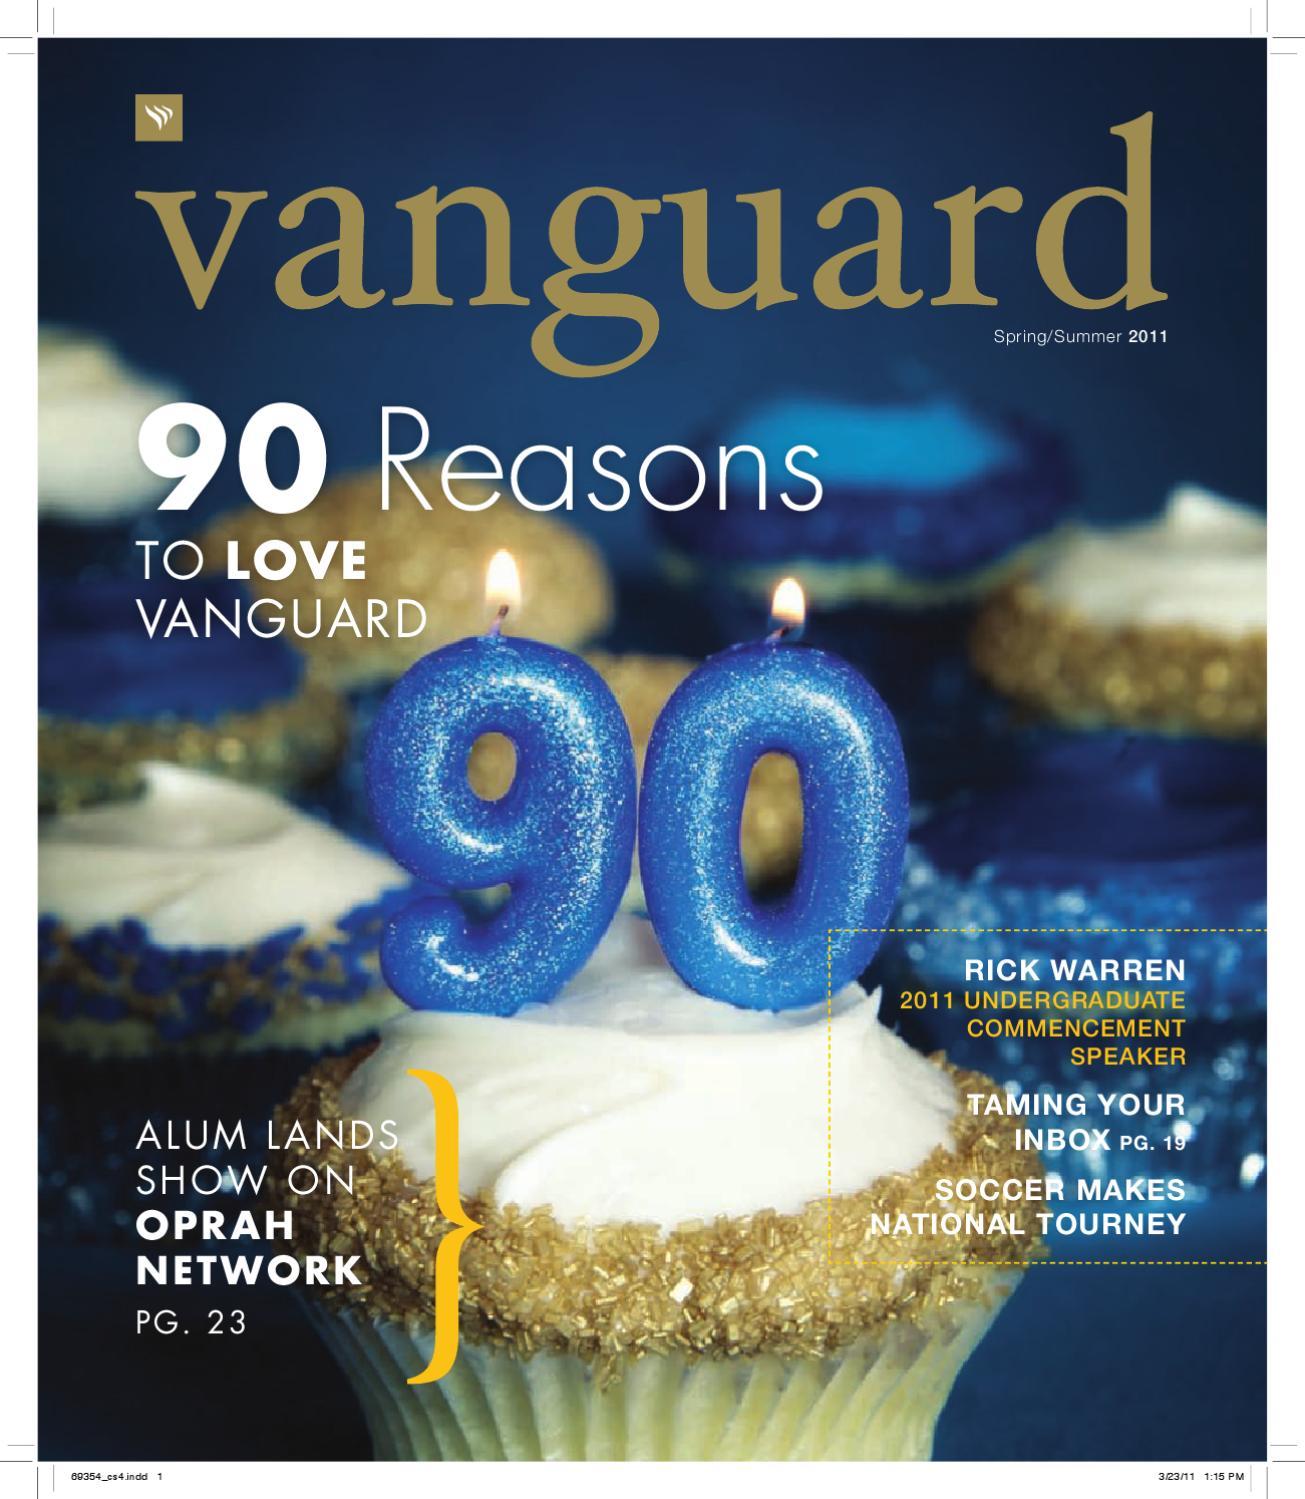 Vanguard Magazine - Spring/Summer 2011 by Vanguard University - issuu